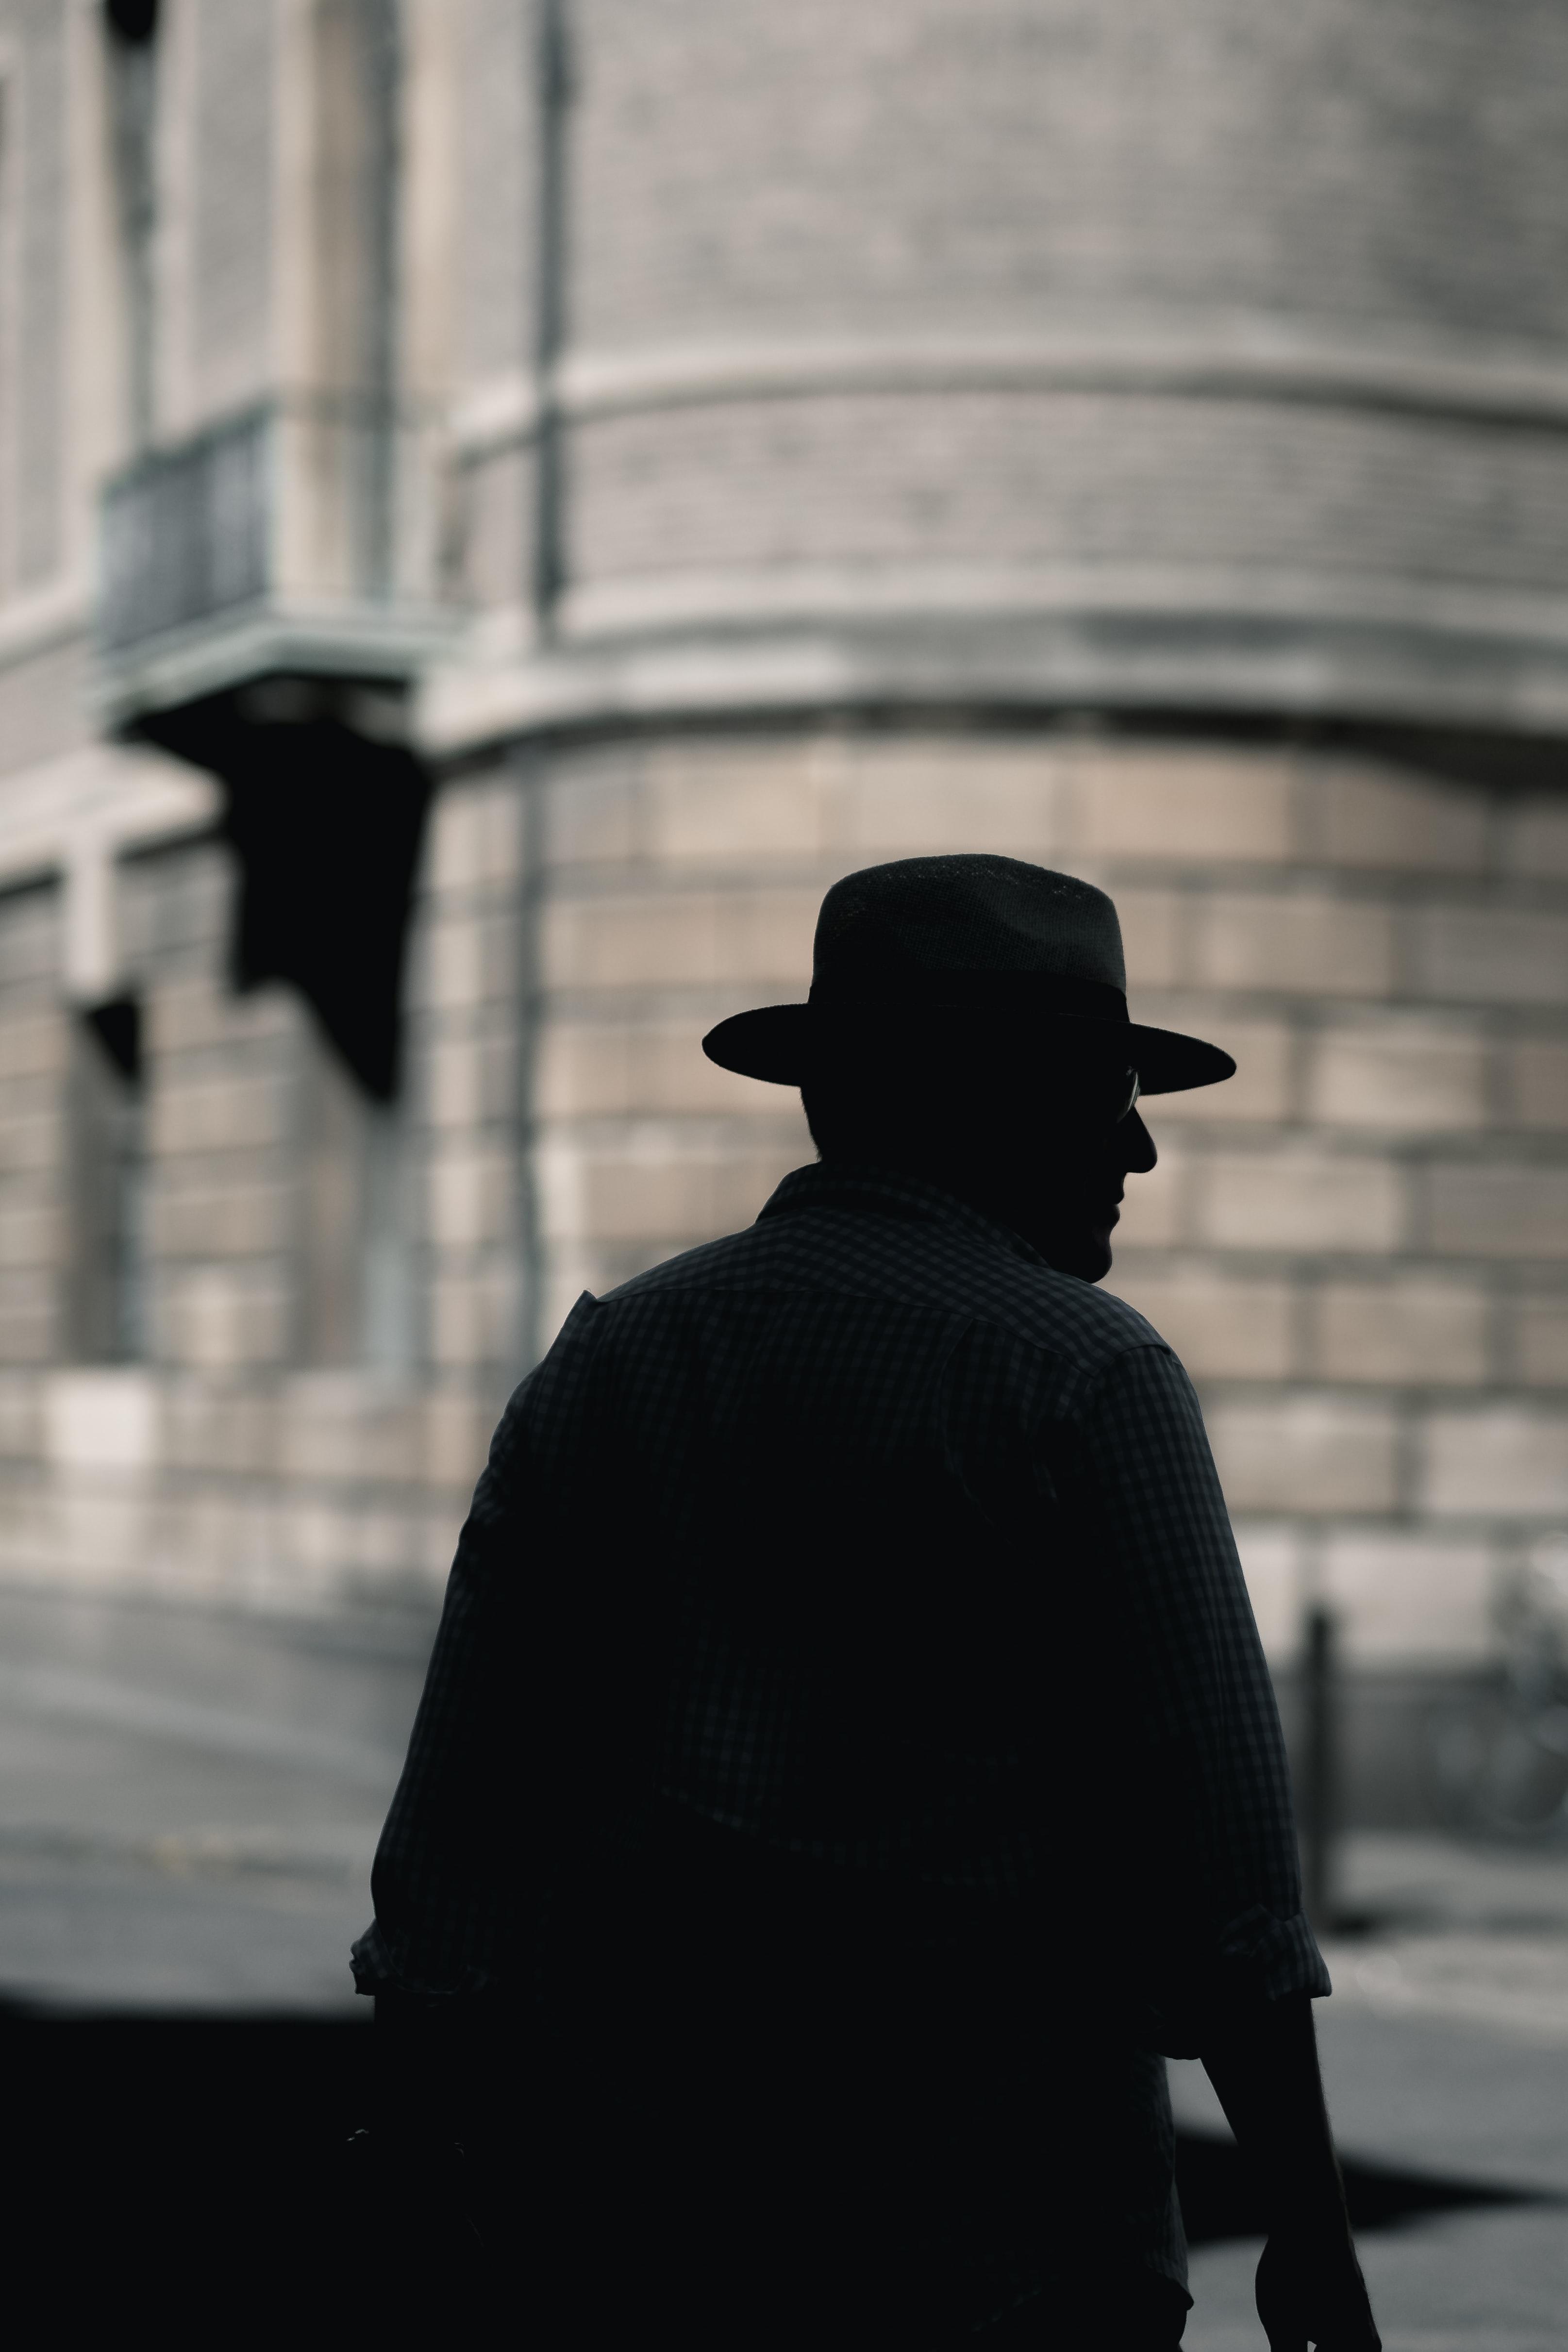 Unbekannter, CC BY Markus Winkler @ unsplash.com